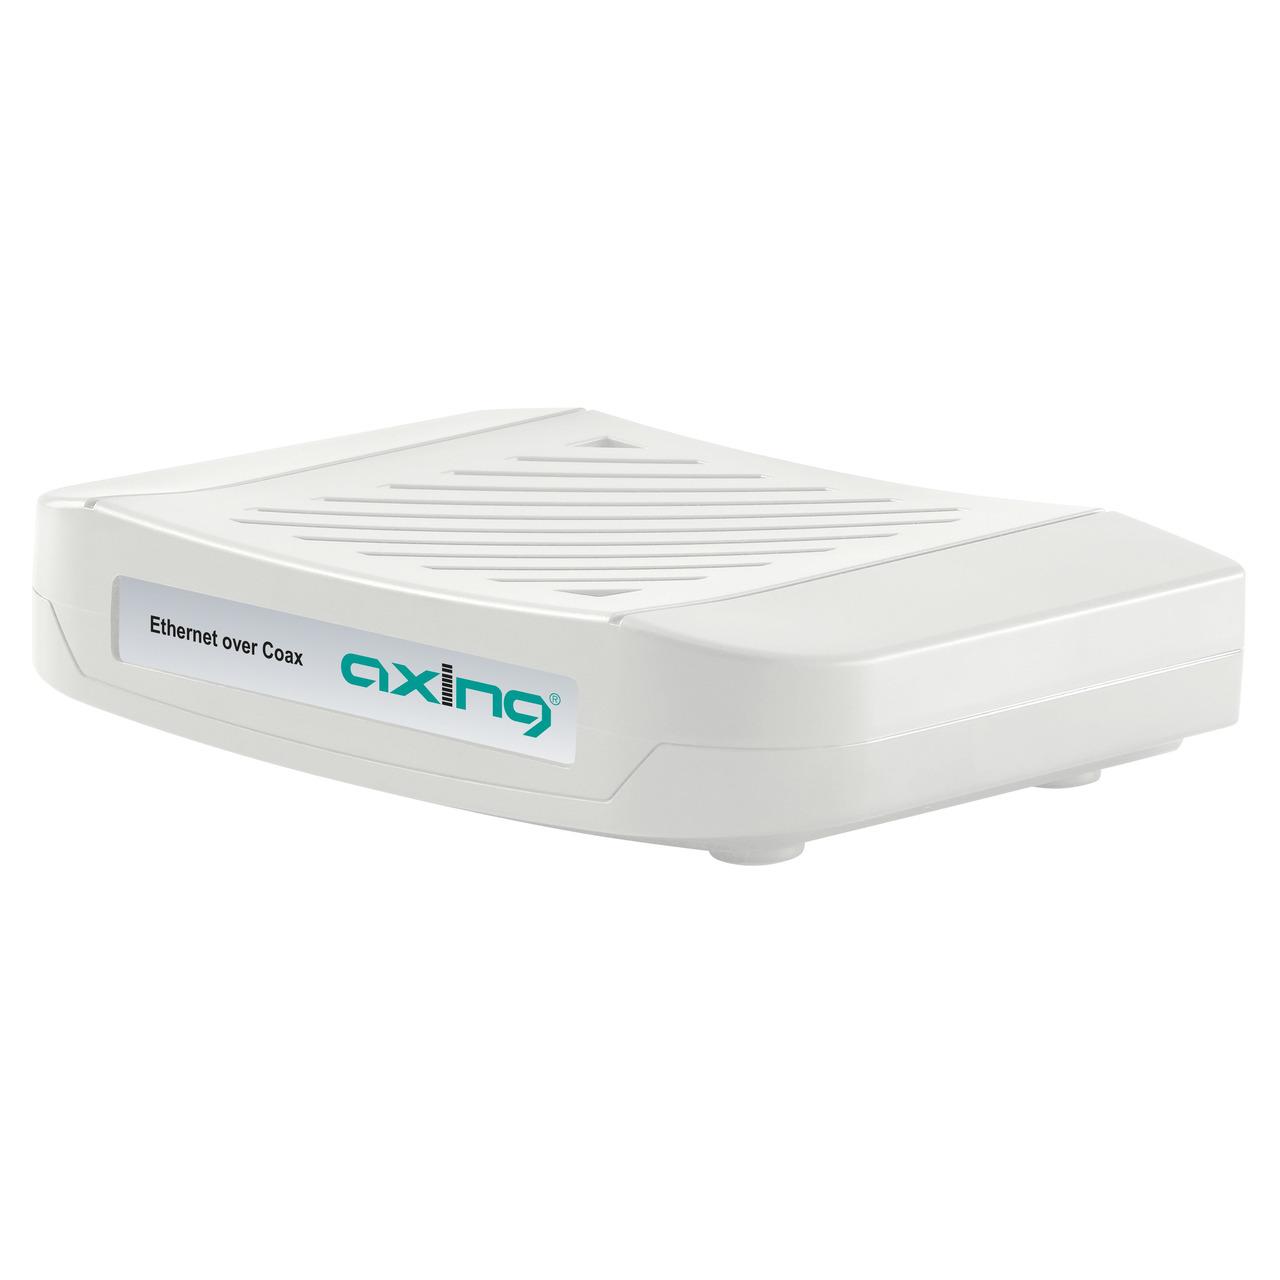 Axing Ethernet-over-Coax Netzwerk-Adapter EoC 1-31- LAN-Verteilung über Koaxkabel